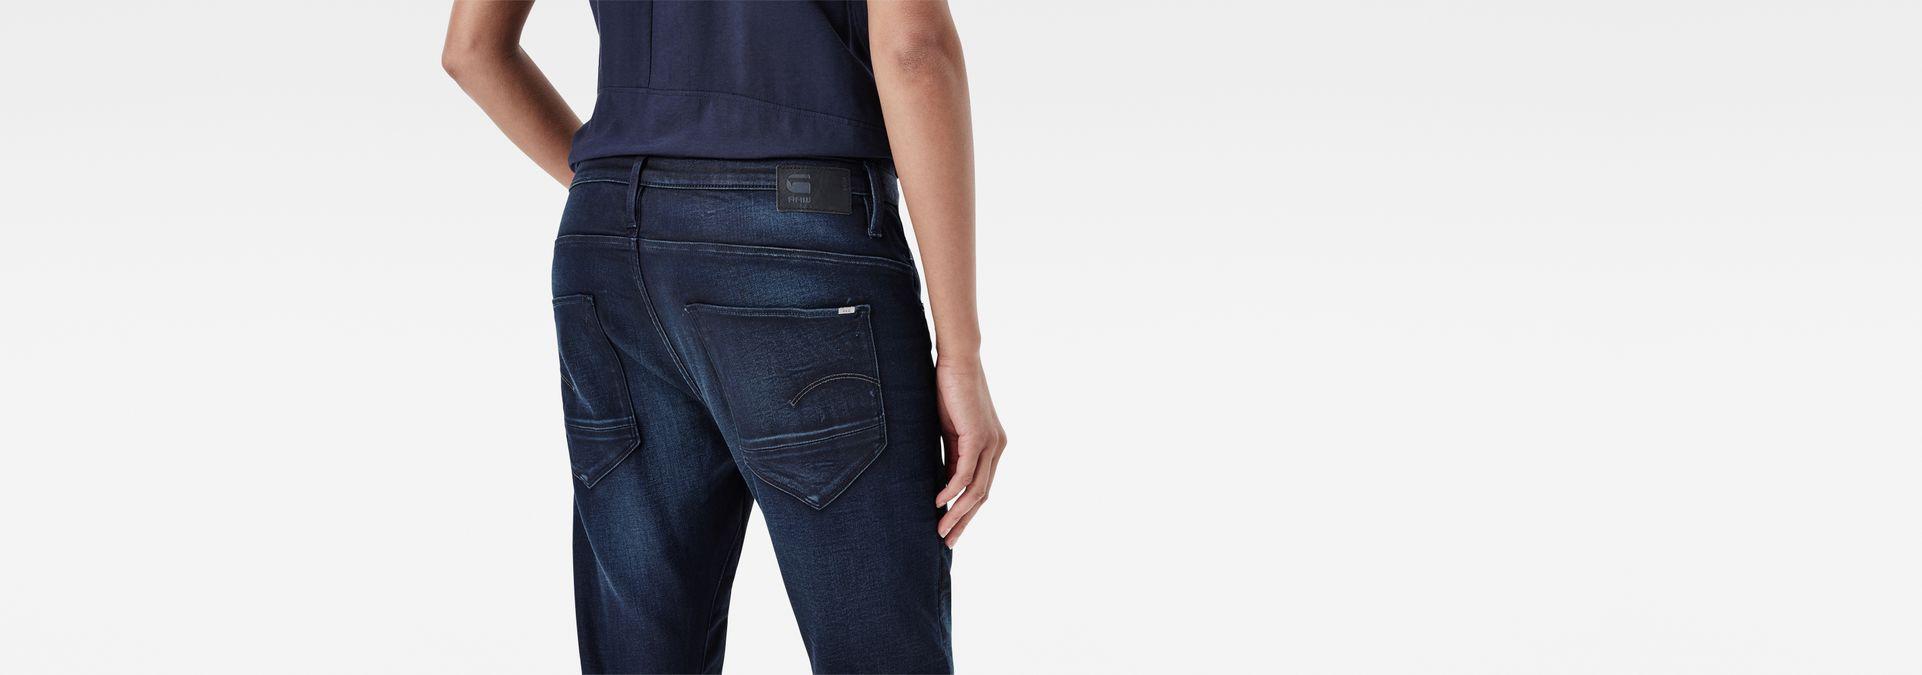 0ccdc2c33d5 ... G-Star RAW® New Arc 3D Button Low Waist Boyfriend Jeans Dark blue ...